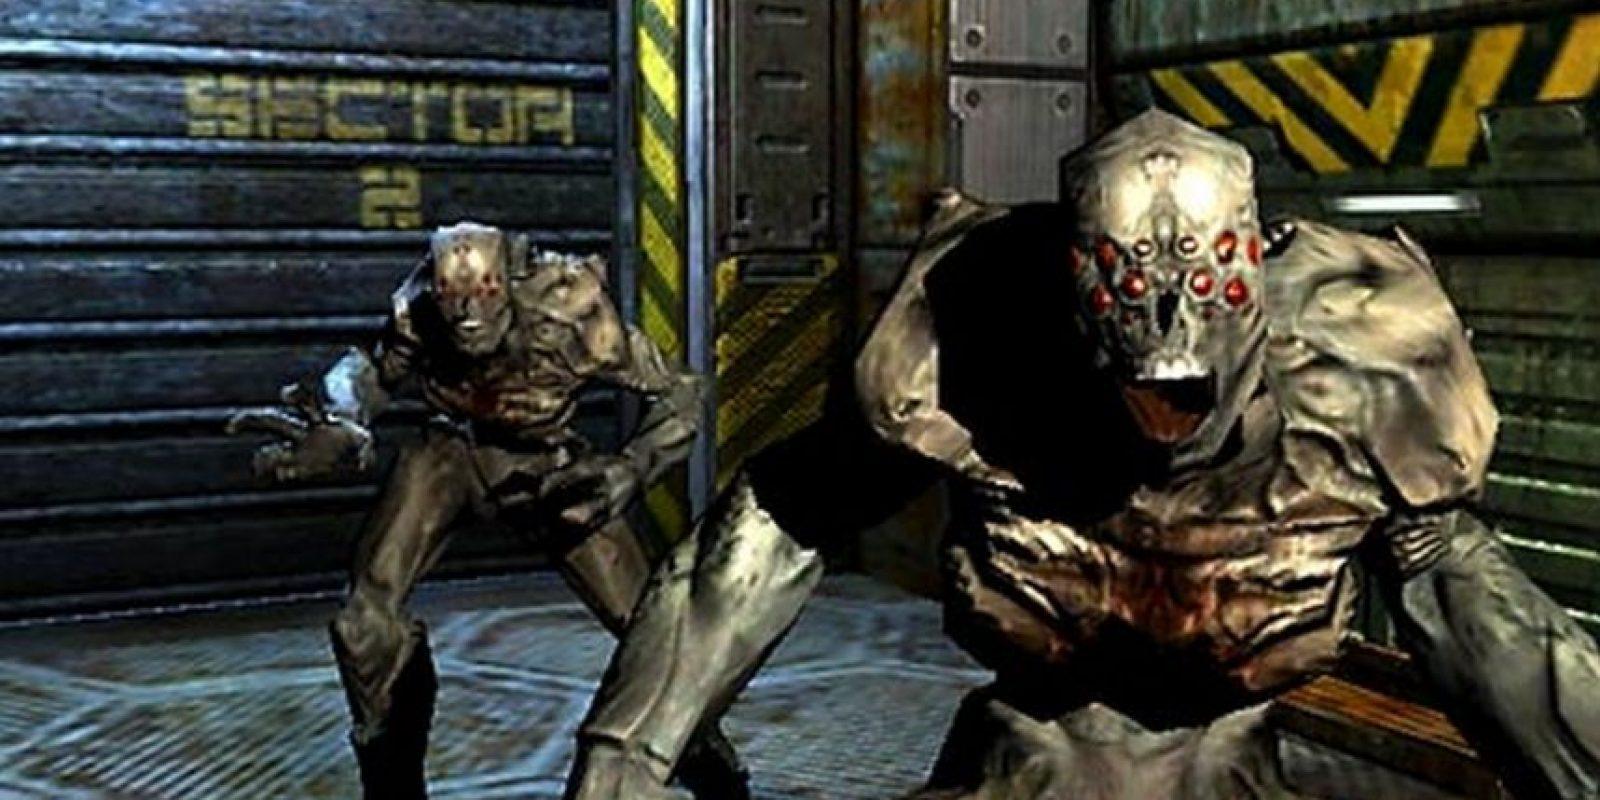 Yahoo! Juegos lo ha catalogado como uno de los diez juegos más polémicos de todos los tiempos Foto:Wikicommons